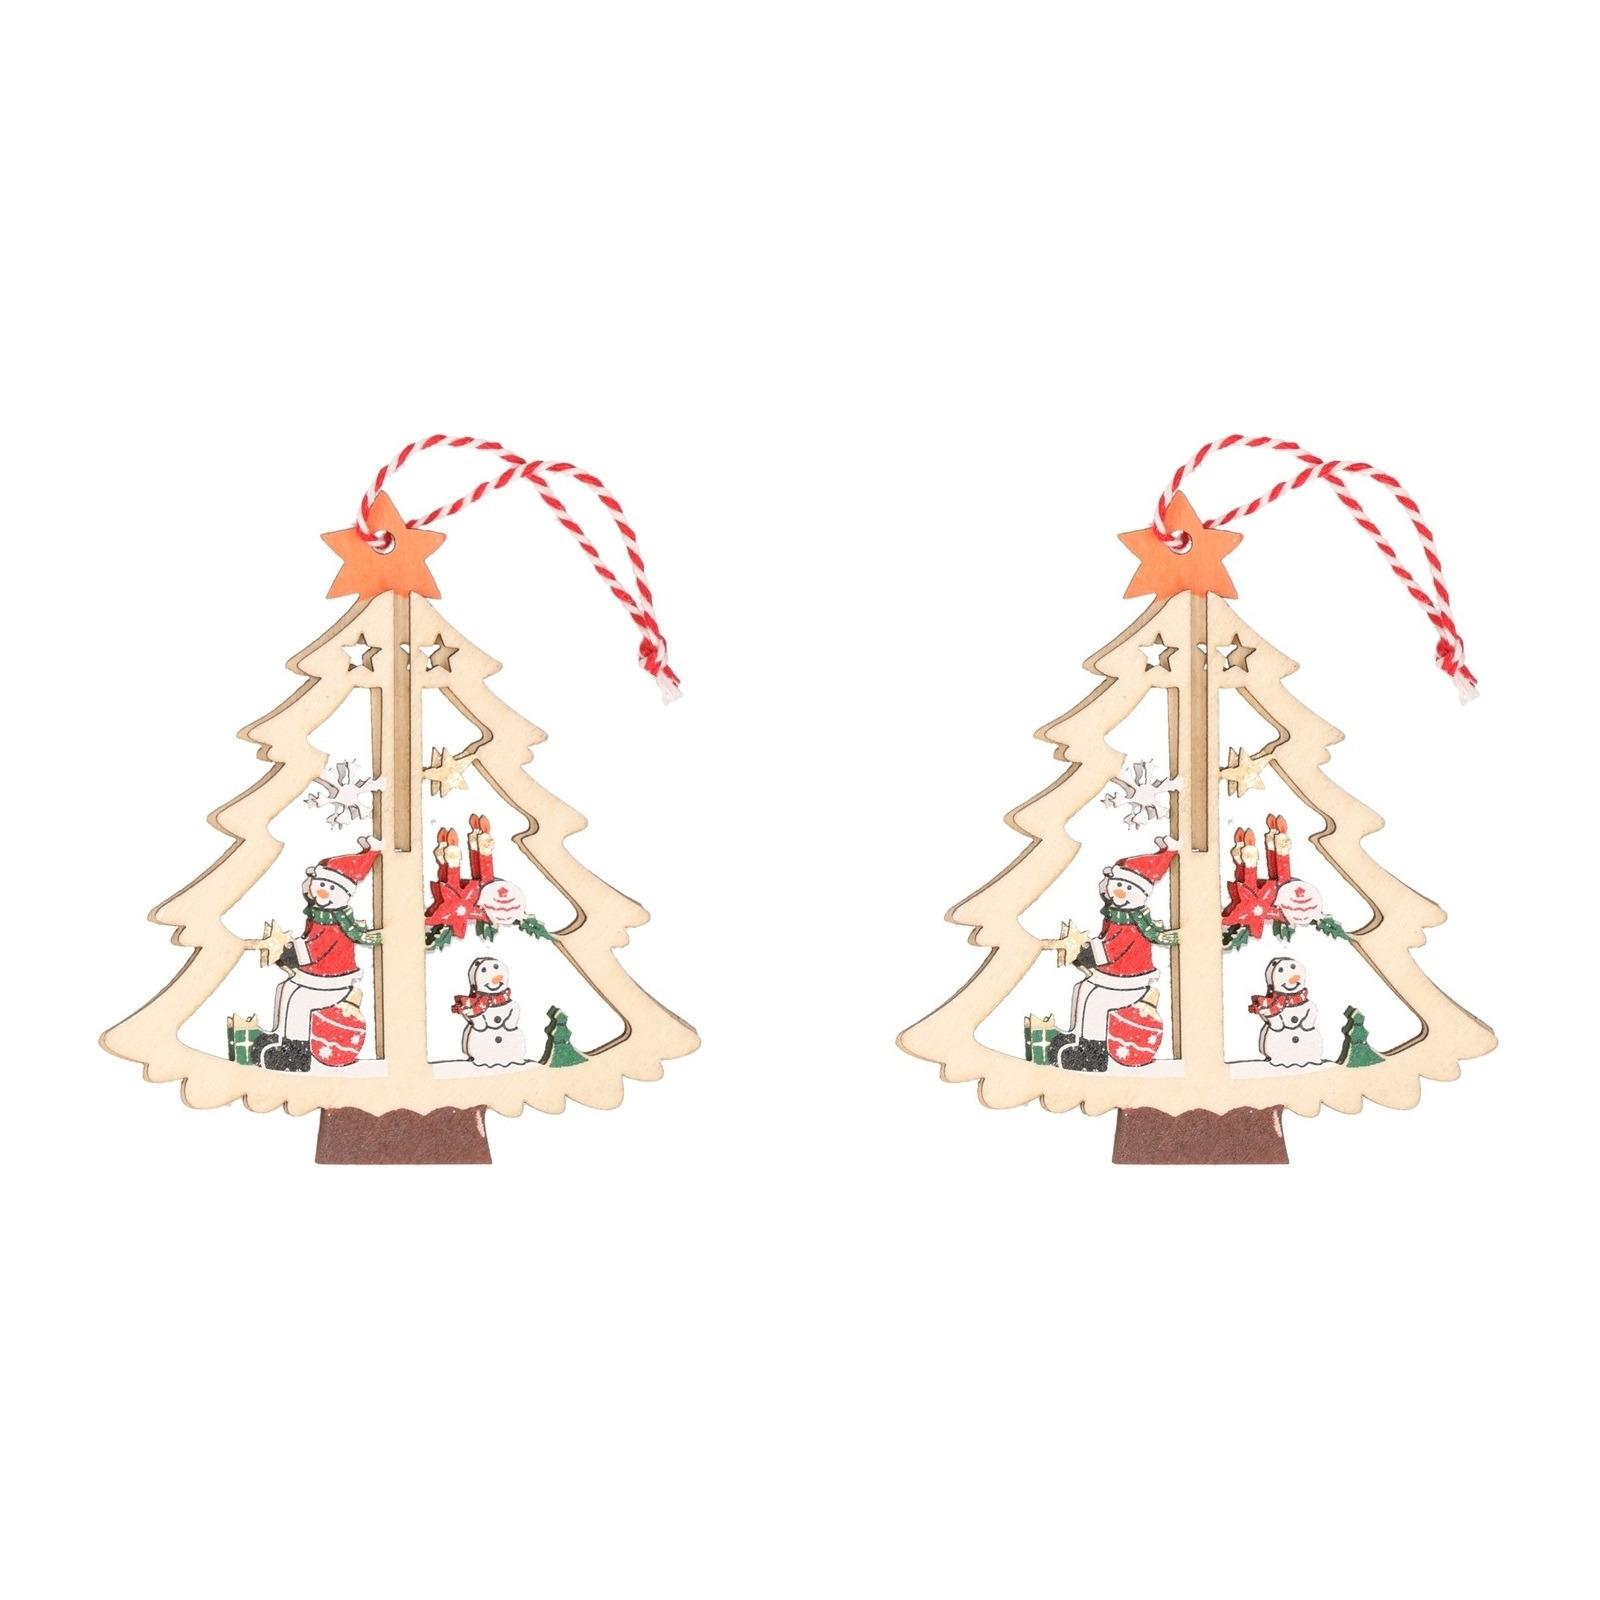 2x Kerst hangdecoratie kerstbomen met sneeuwpop 10 cm van hout